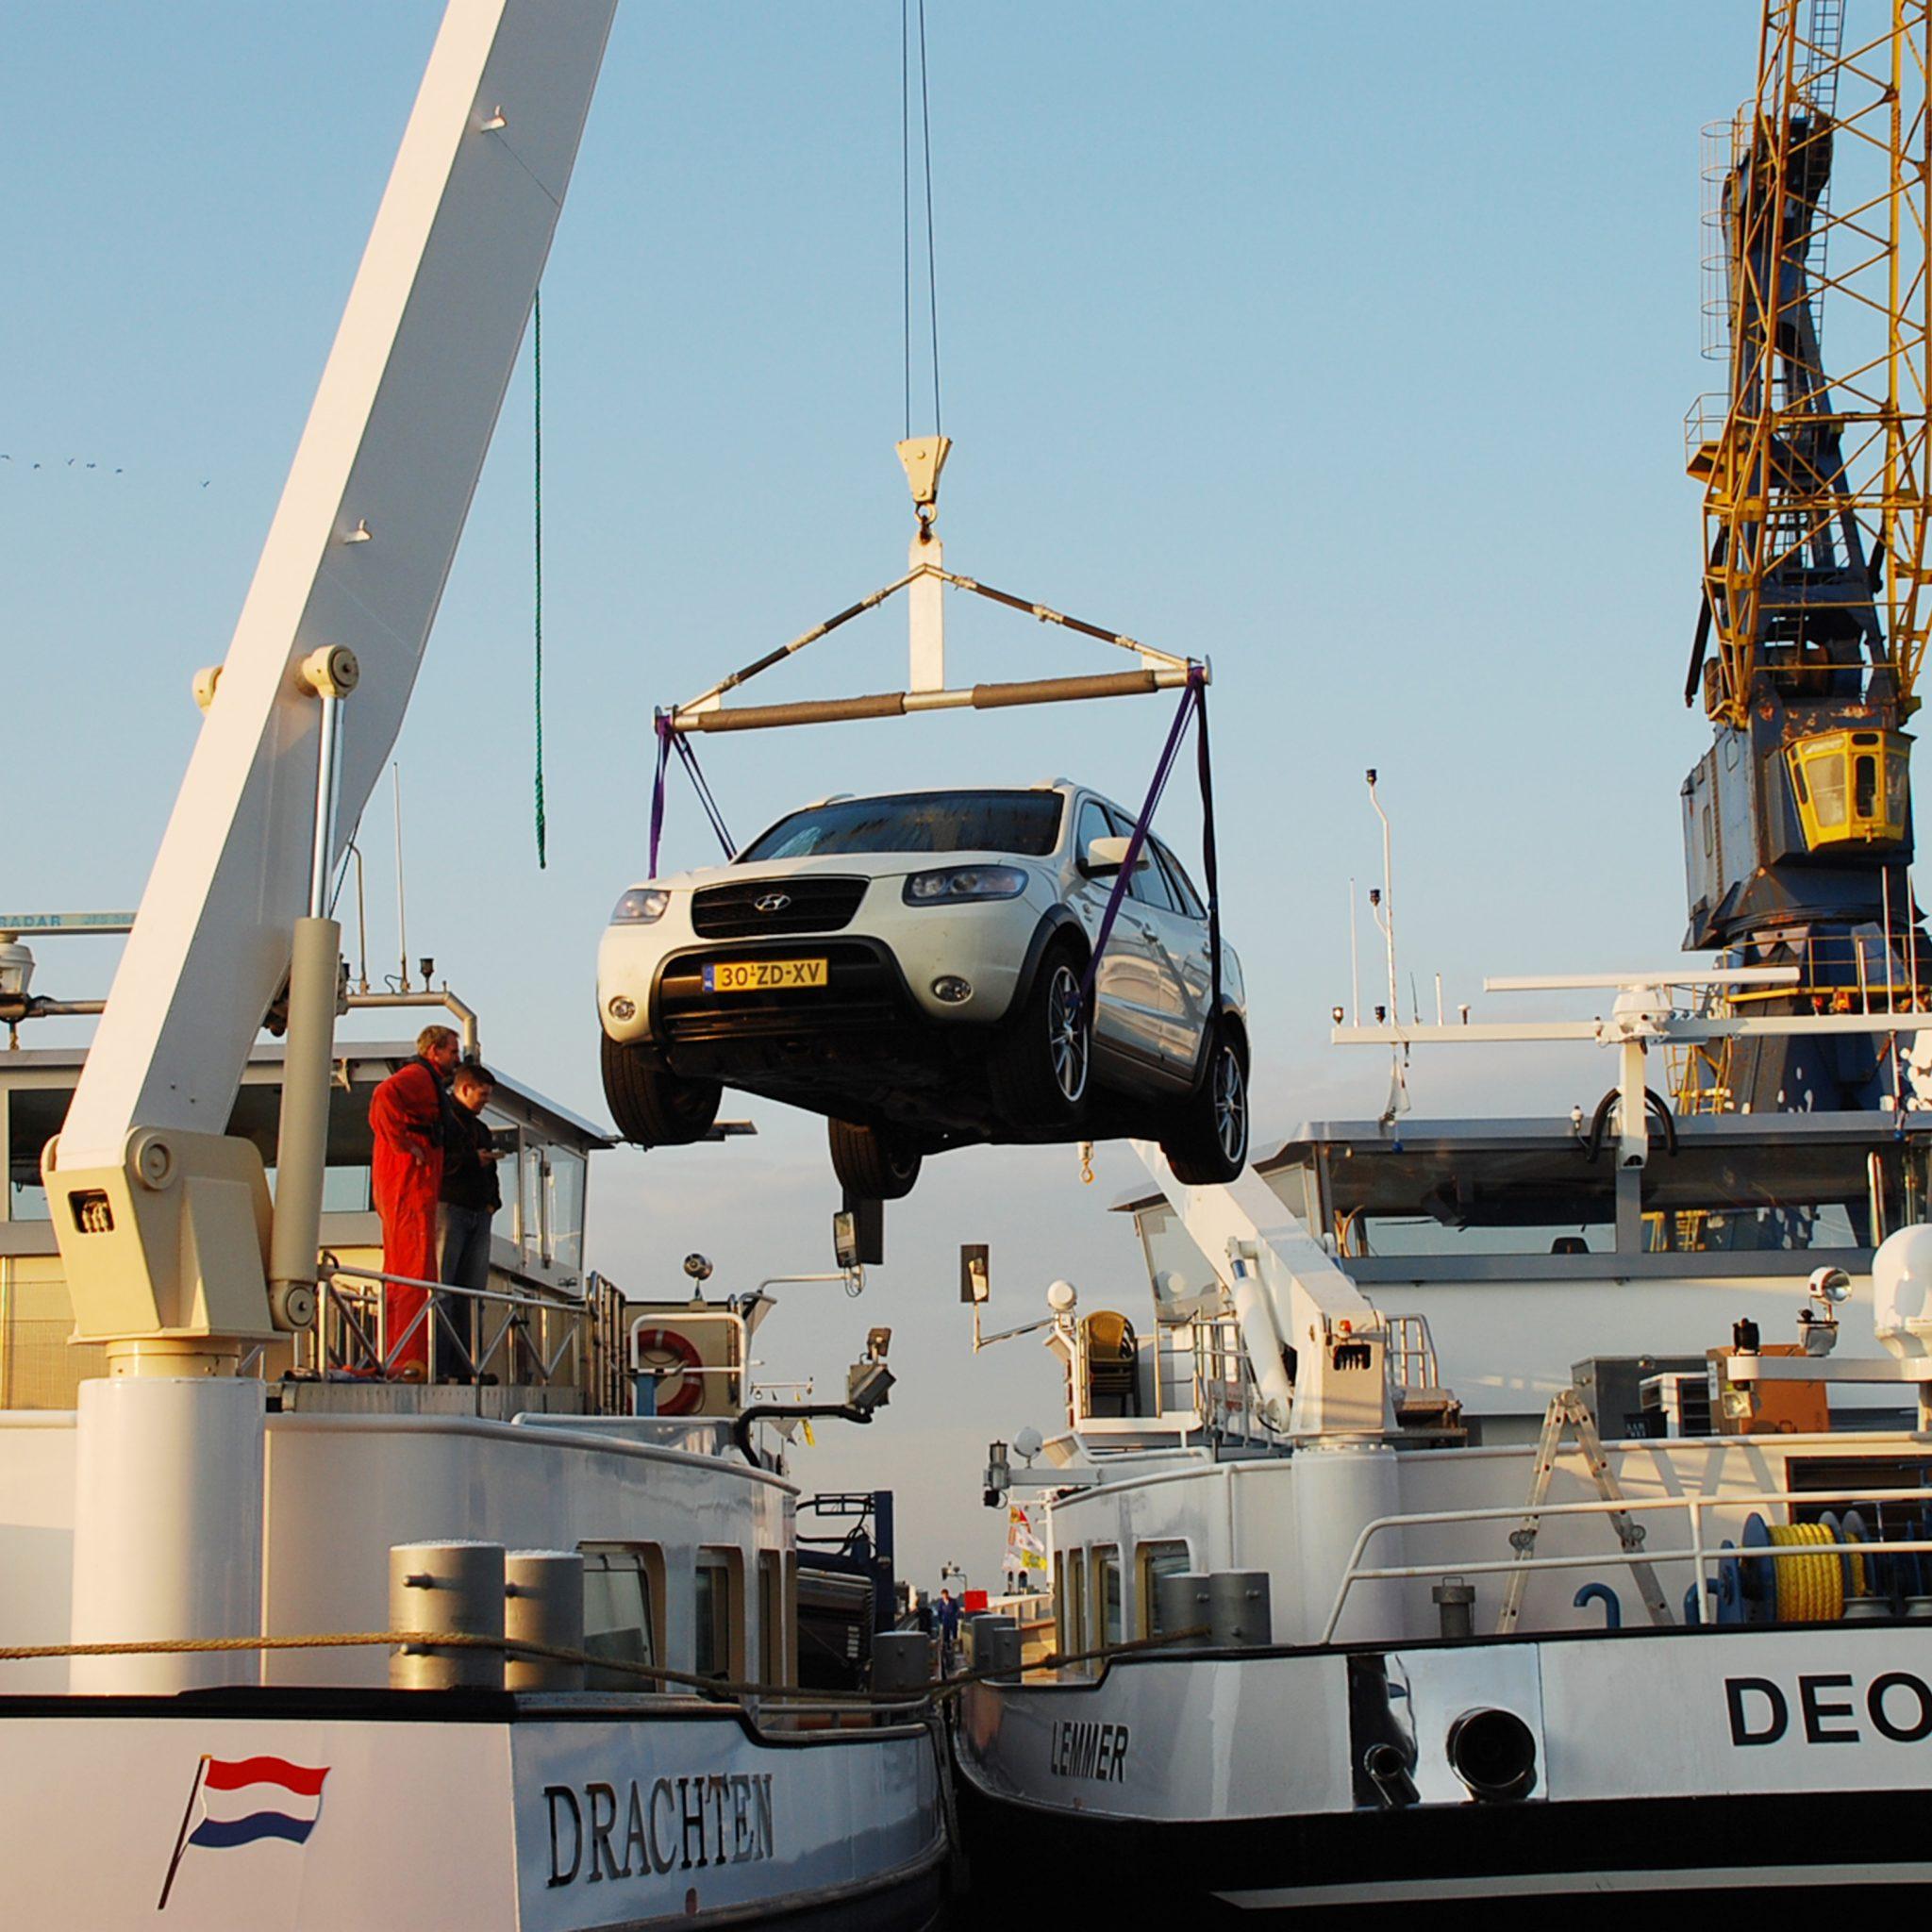 De standaard autokranen van Misti hebben een bereik tot 24 meter en kunnen 2,5 ton tillen. (Foto's Misti)